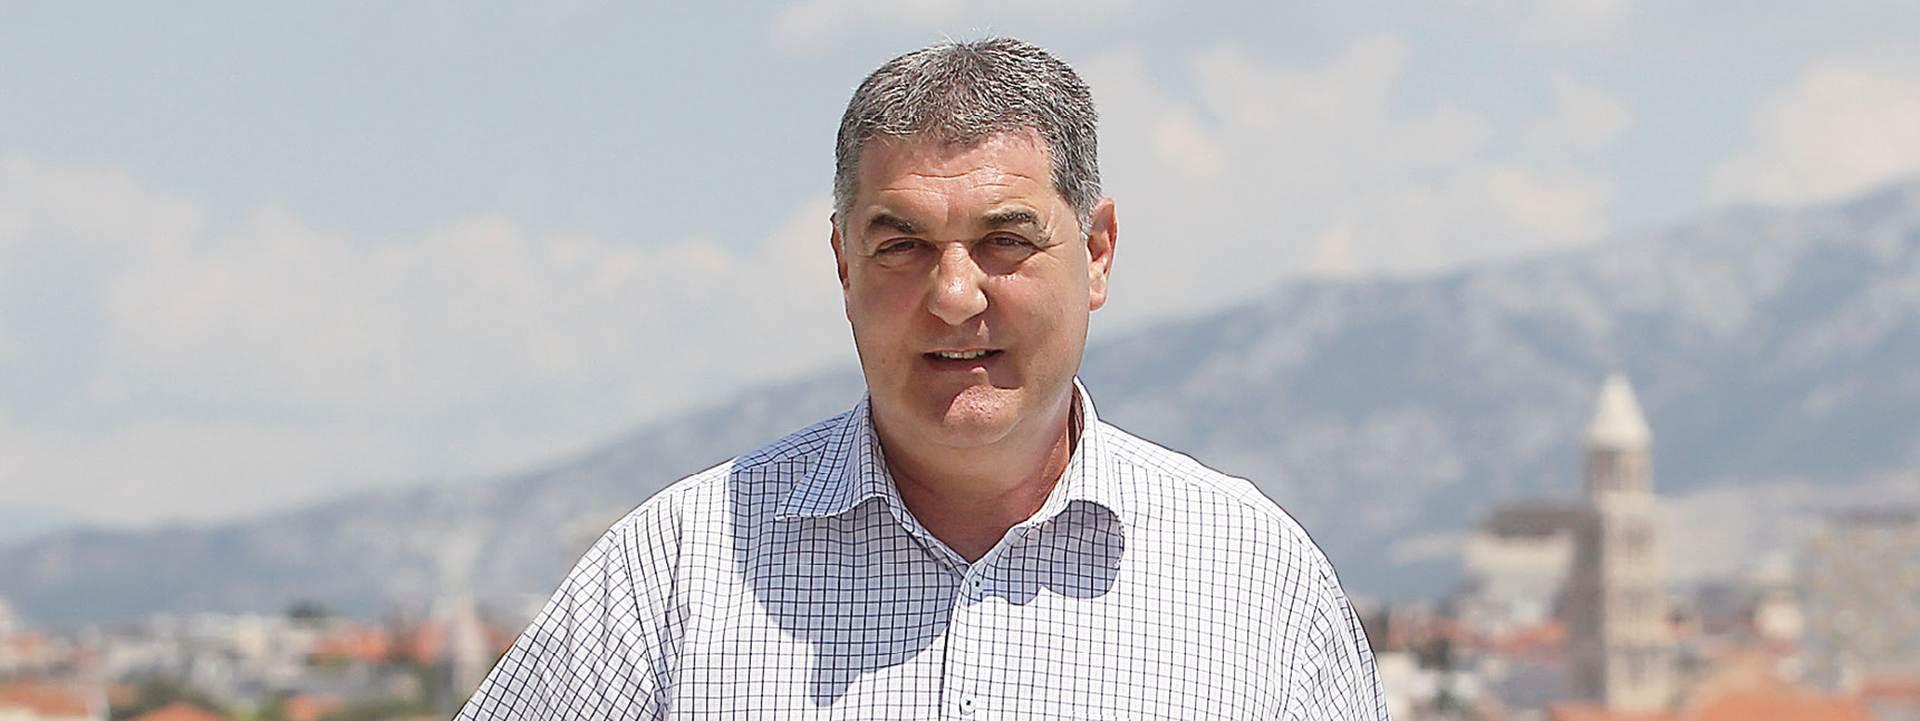 Baldasaru prigovaraju da lobira za projekt akvaparka Igora Štimca i Joze Parčine